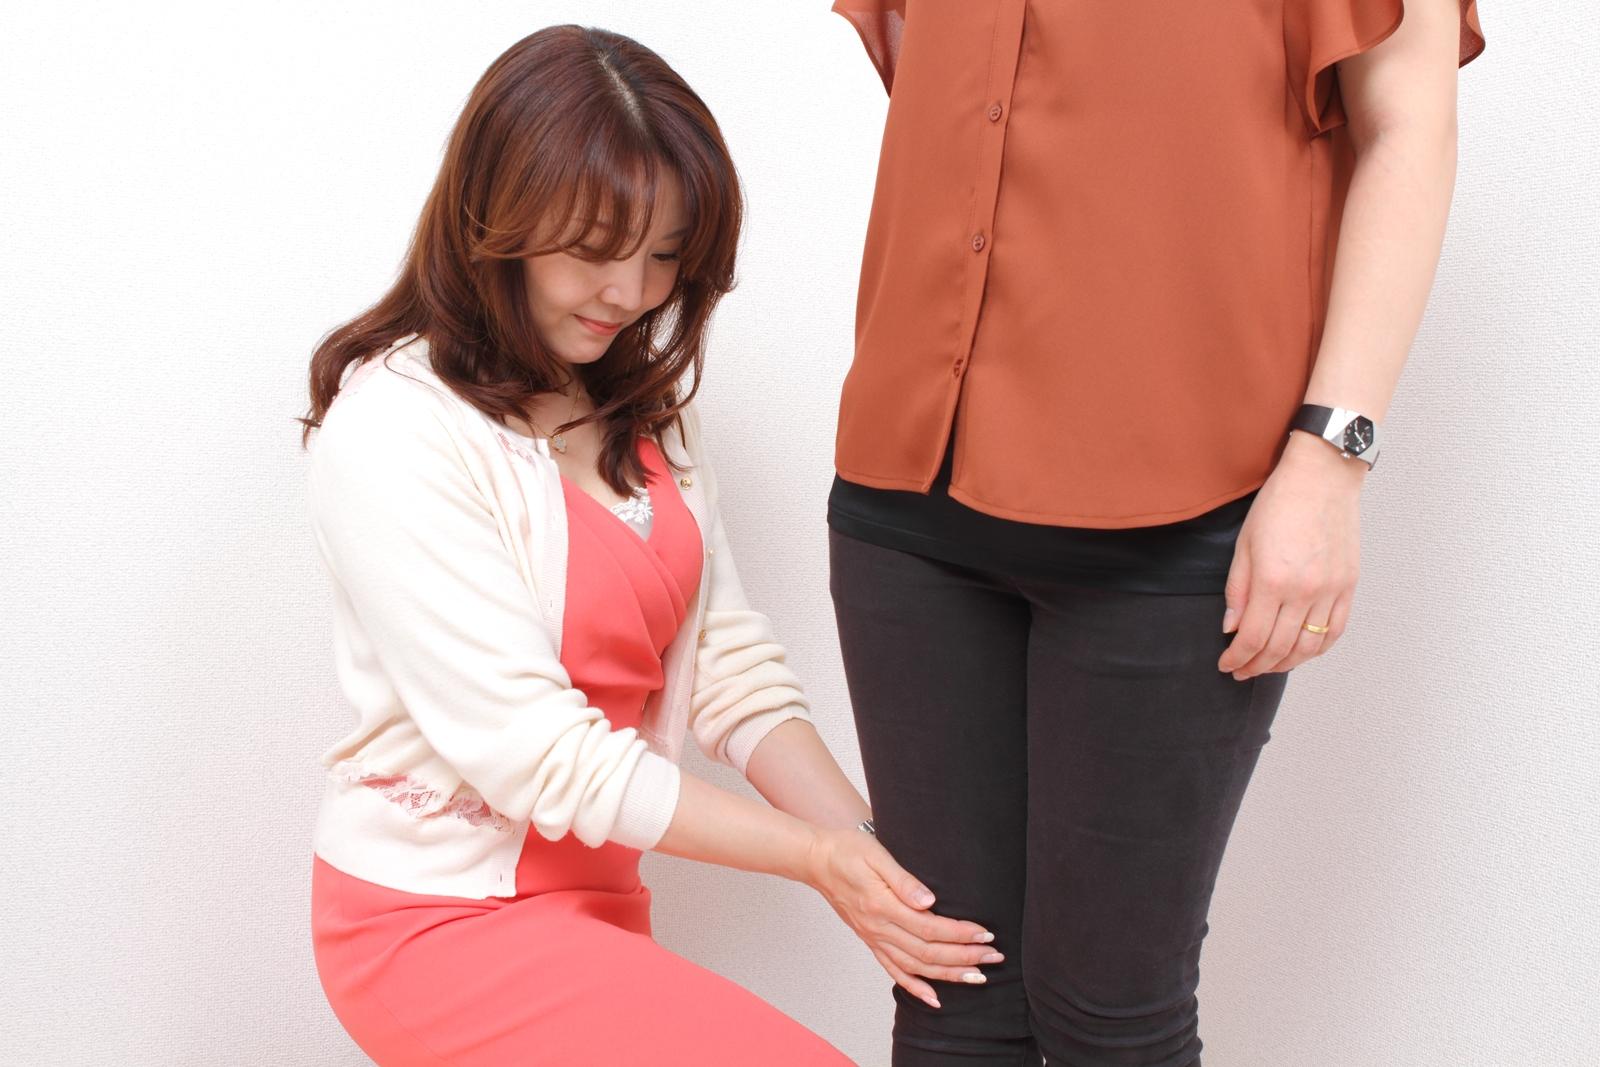 東京・青山、千葉のパーソナルカラー診断、メイクアップレッスン、骨格スタイル診断ならサロン・ド・ルミエール。骨格スタイル診断手順